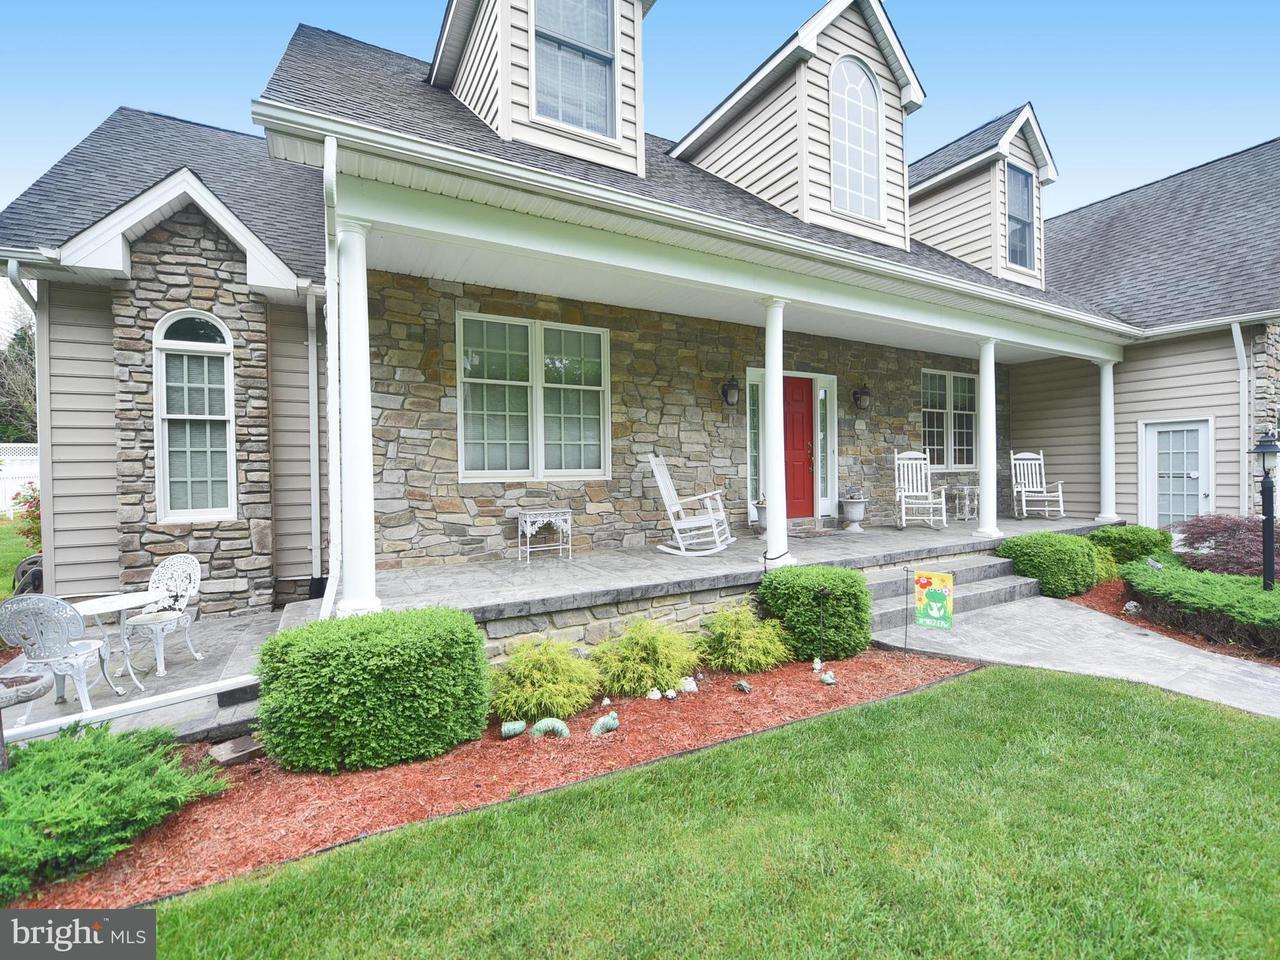 Частный односемейный дом для того Продажа на 1307 OLD JOPPA Road 1307 OLD JOPPA Road Joppa, Мэриленд 21085 Соединенные Штаты